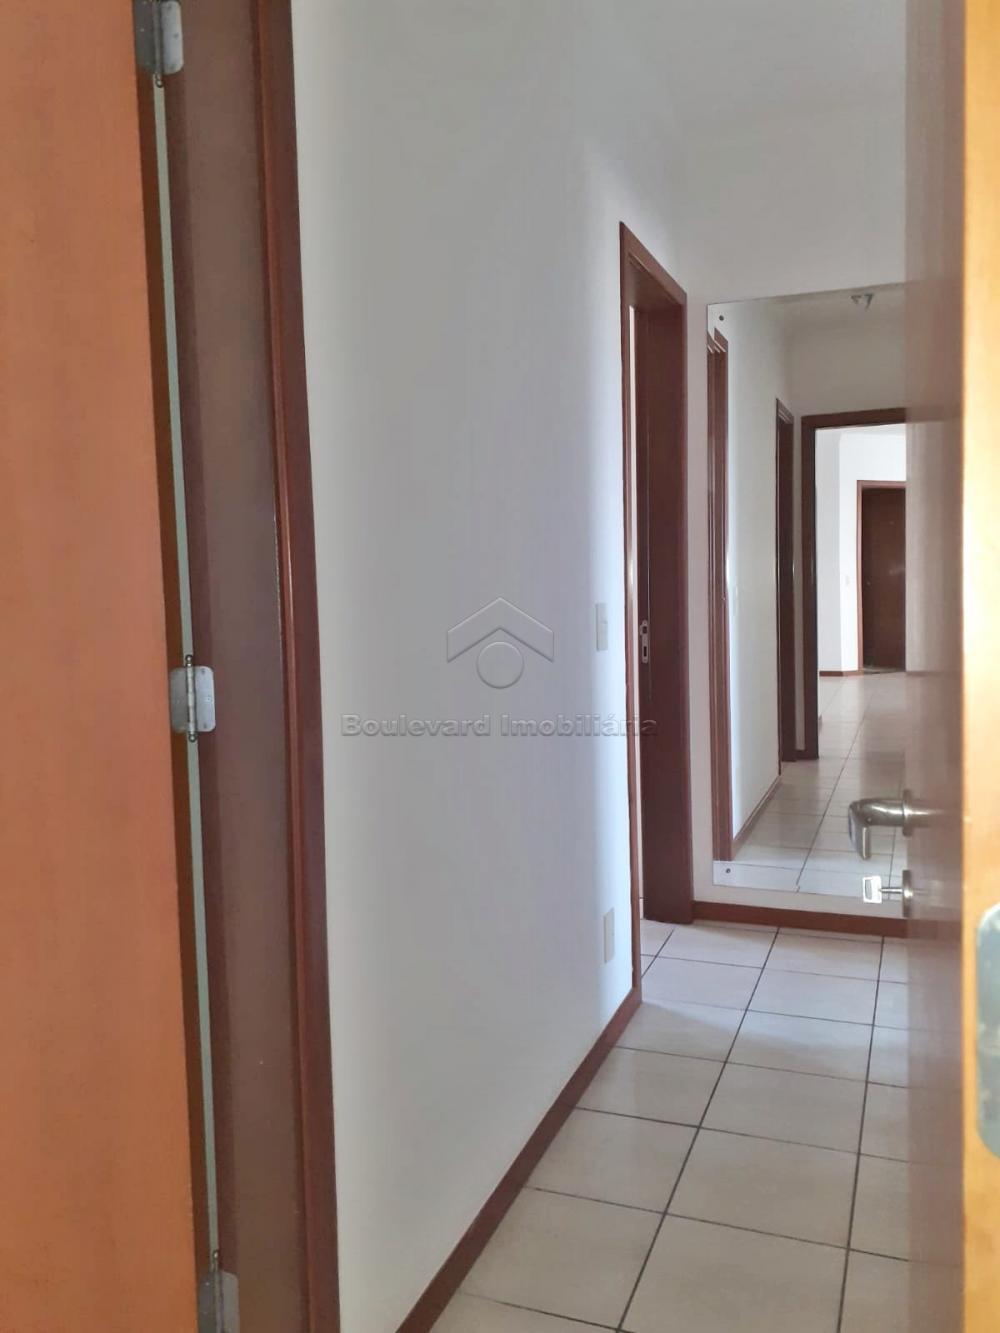 Alugar Apartamento / Padrão em Ribeirão Preto R$ 2.200,00 - Foto 13